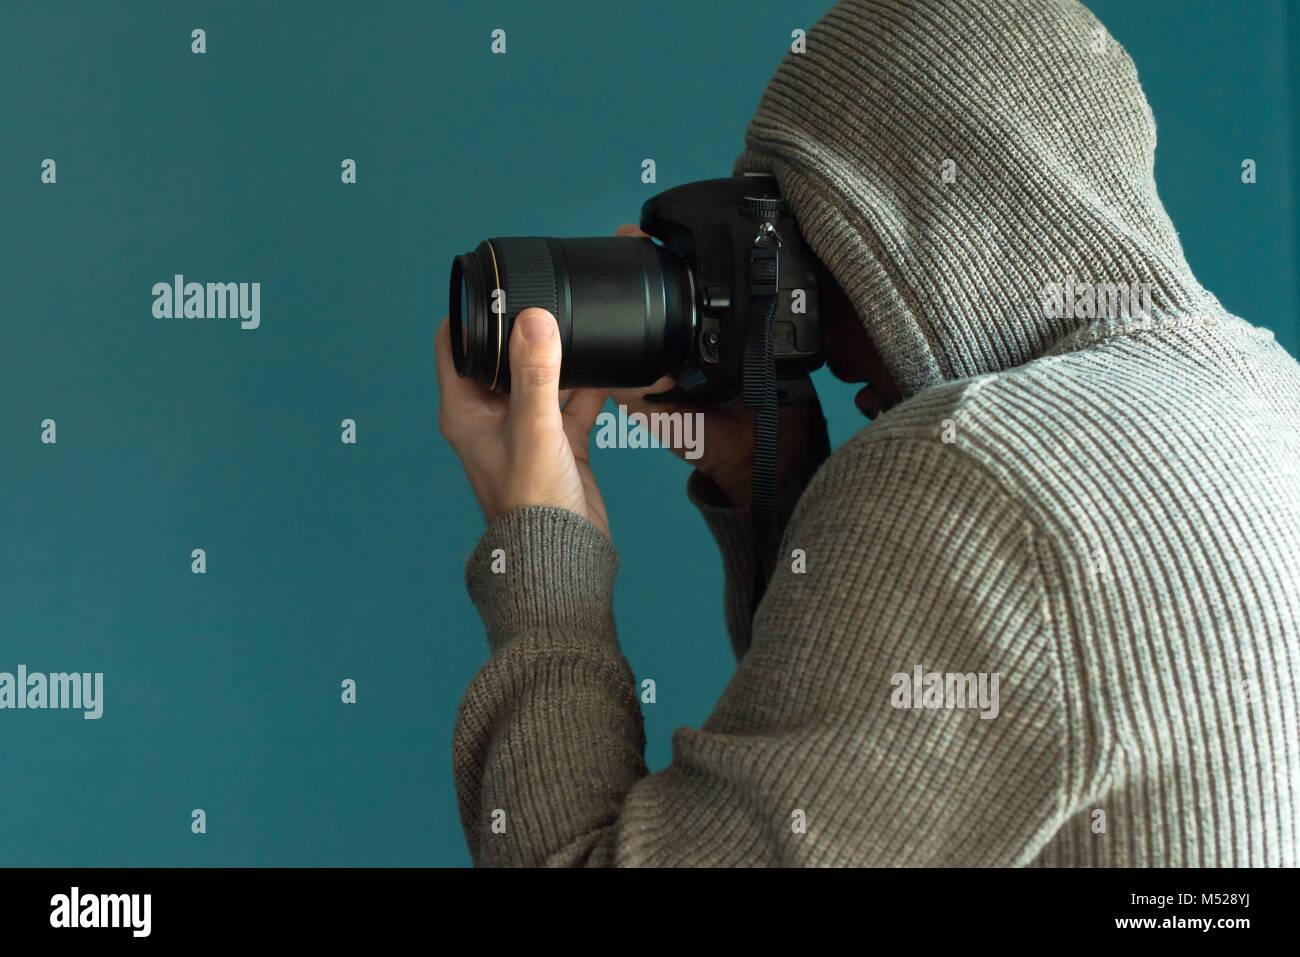 больше реальных камера фотографирует но нет изображения что человек